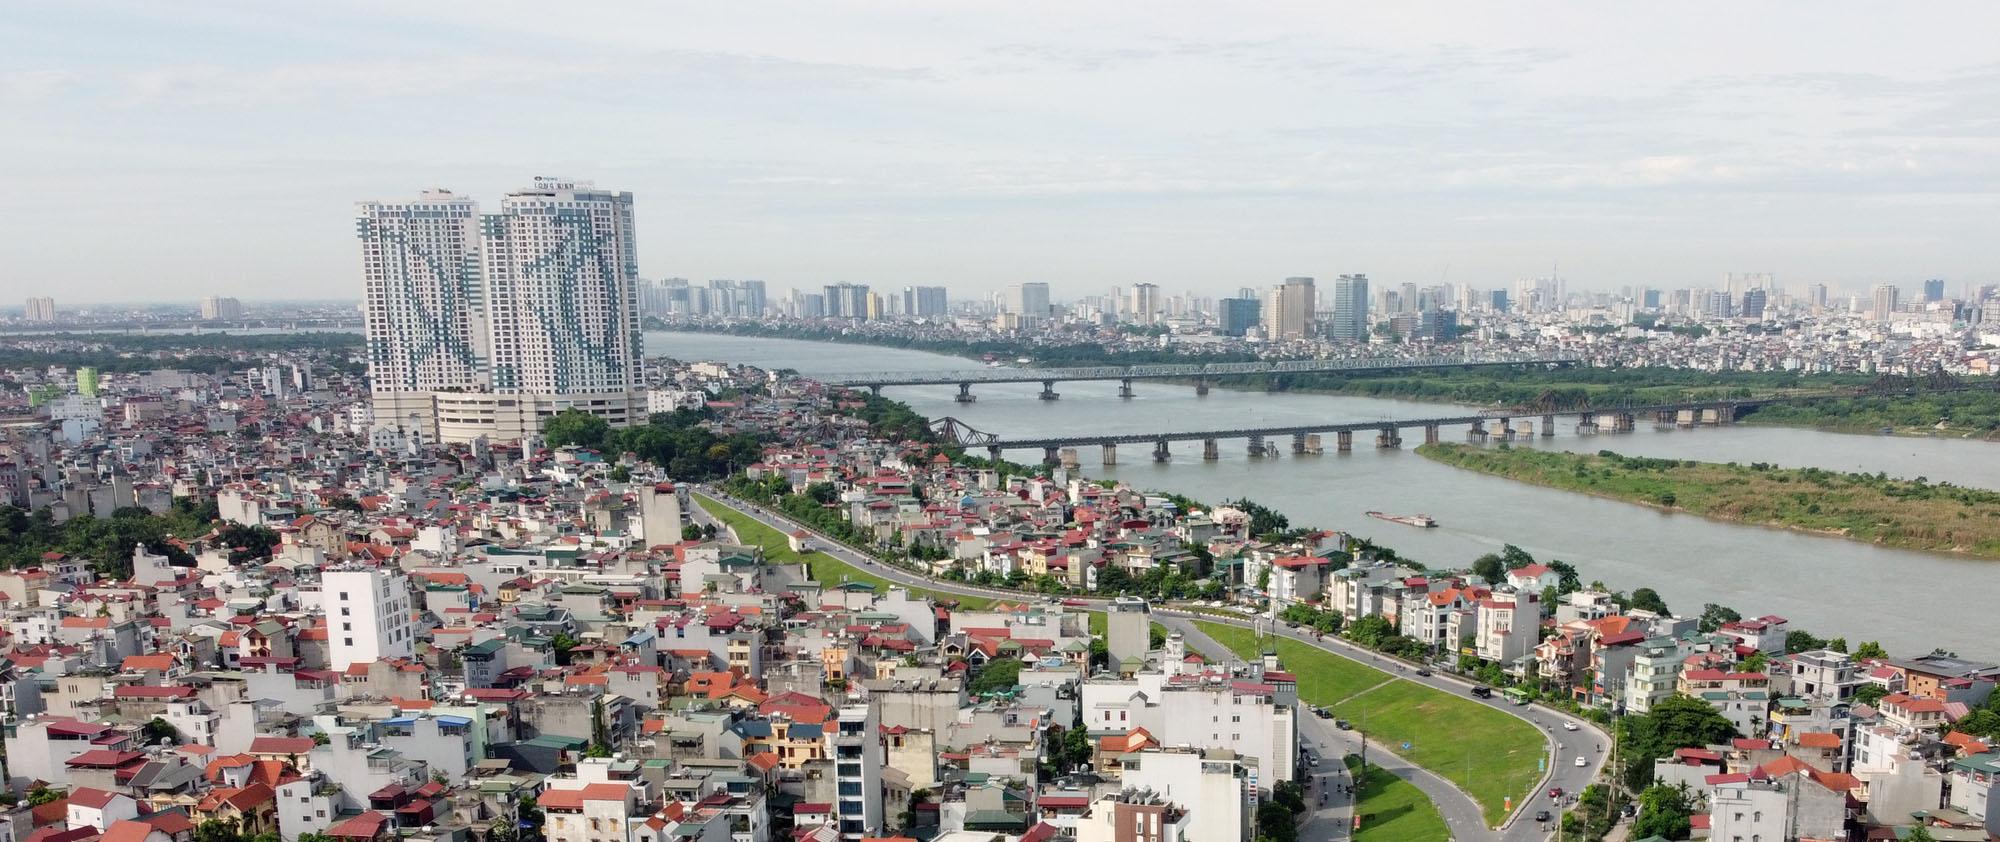 Dự án Eurowindow River Park đang mở bán: Cửa ngõ Đông Bắc Hà Nội, view hai sông lớn - Ảnh 8.